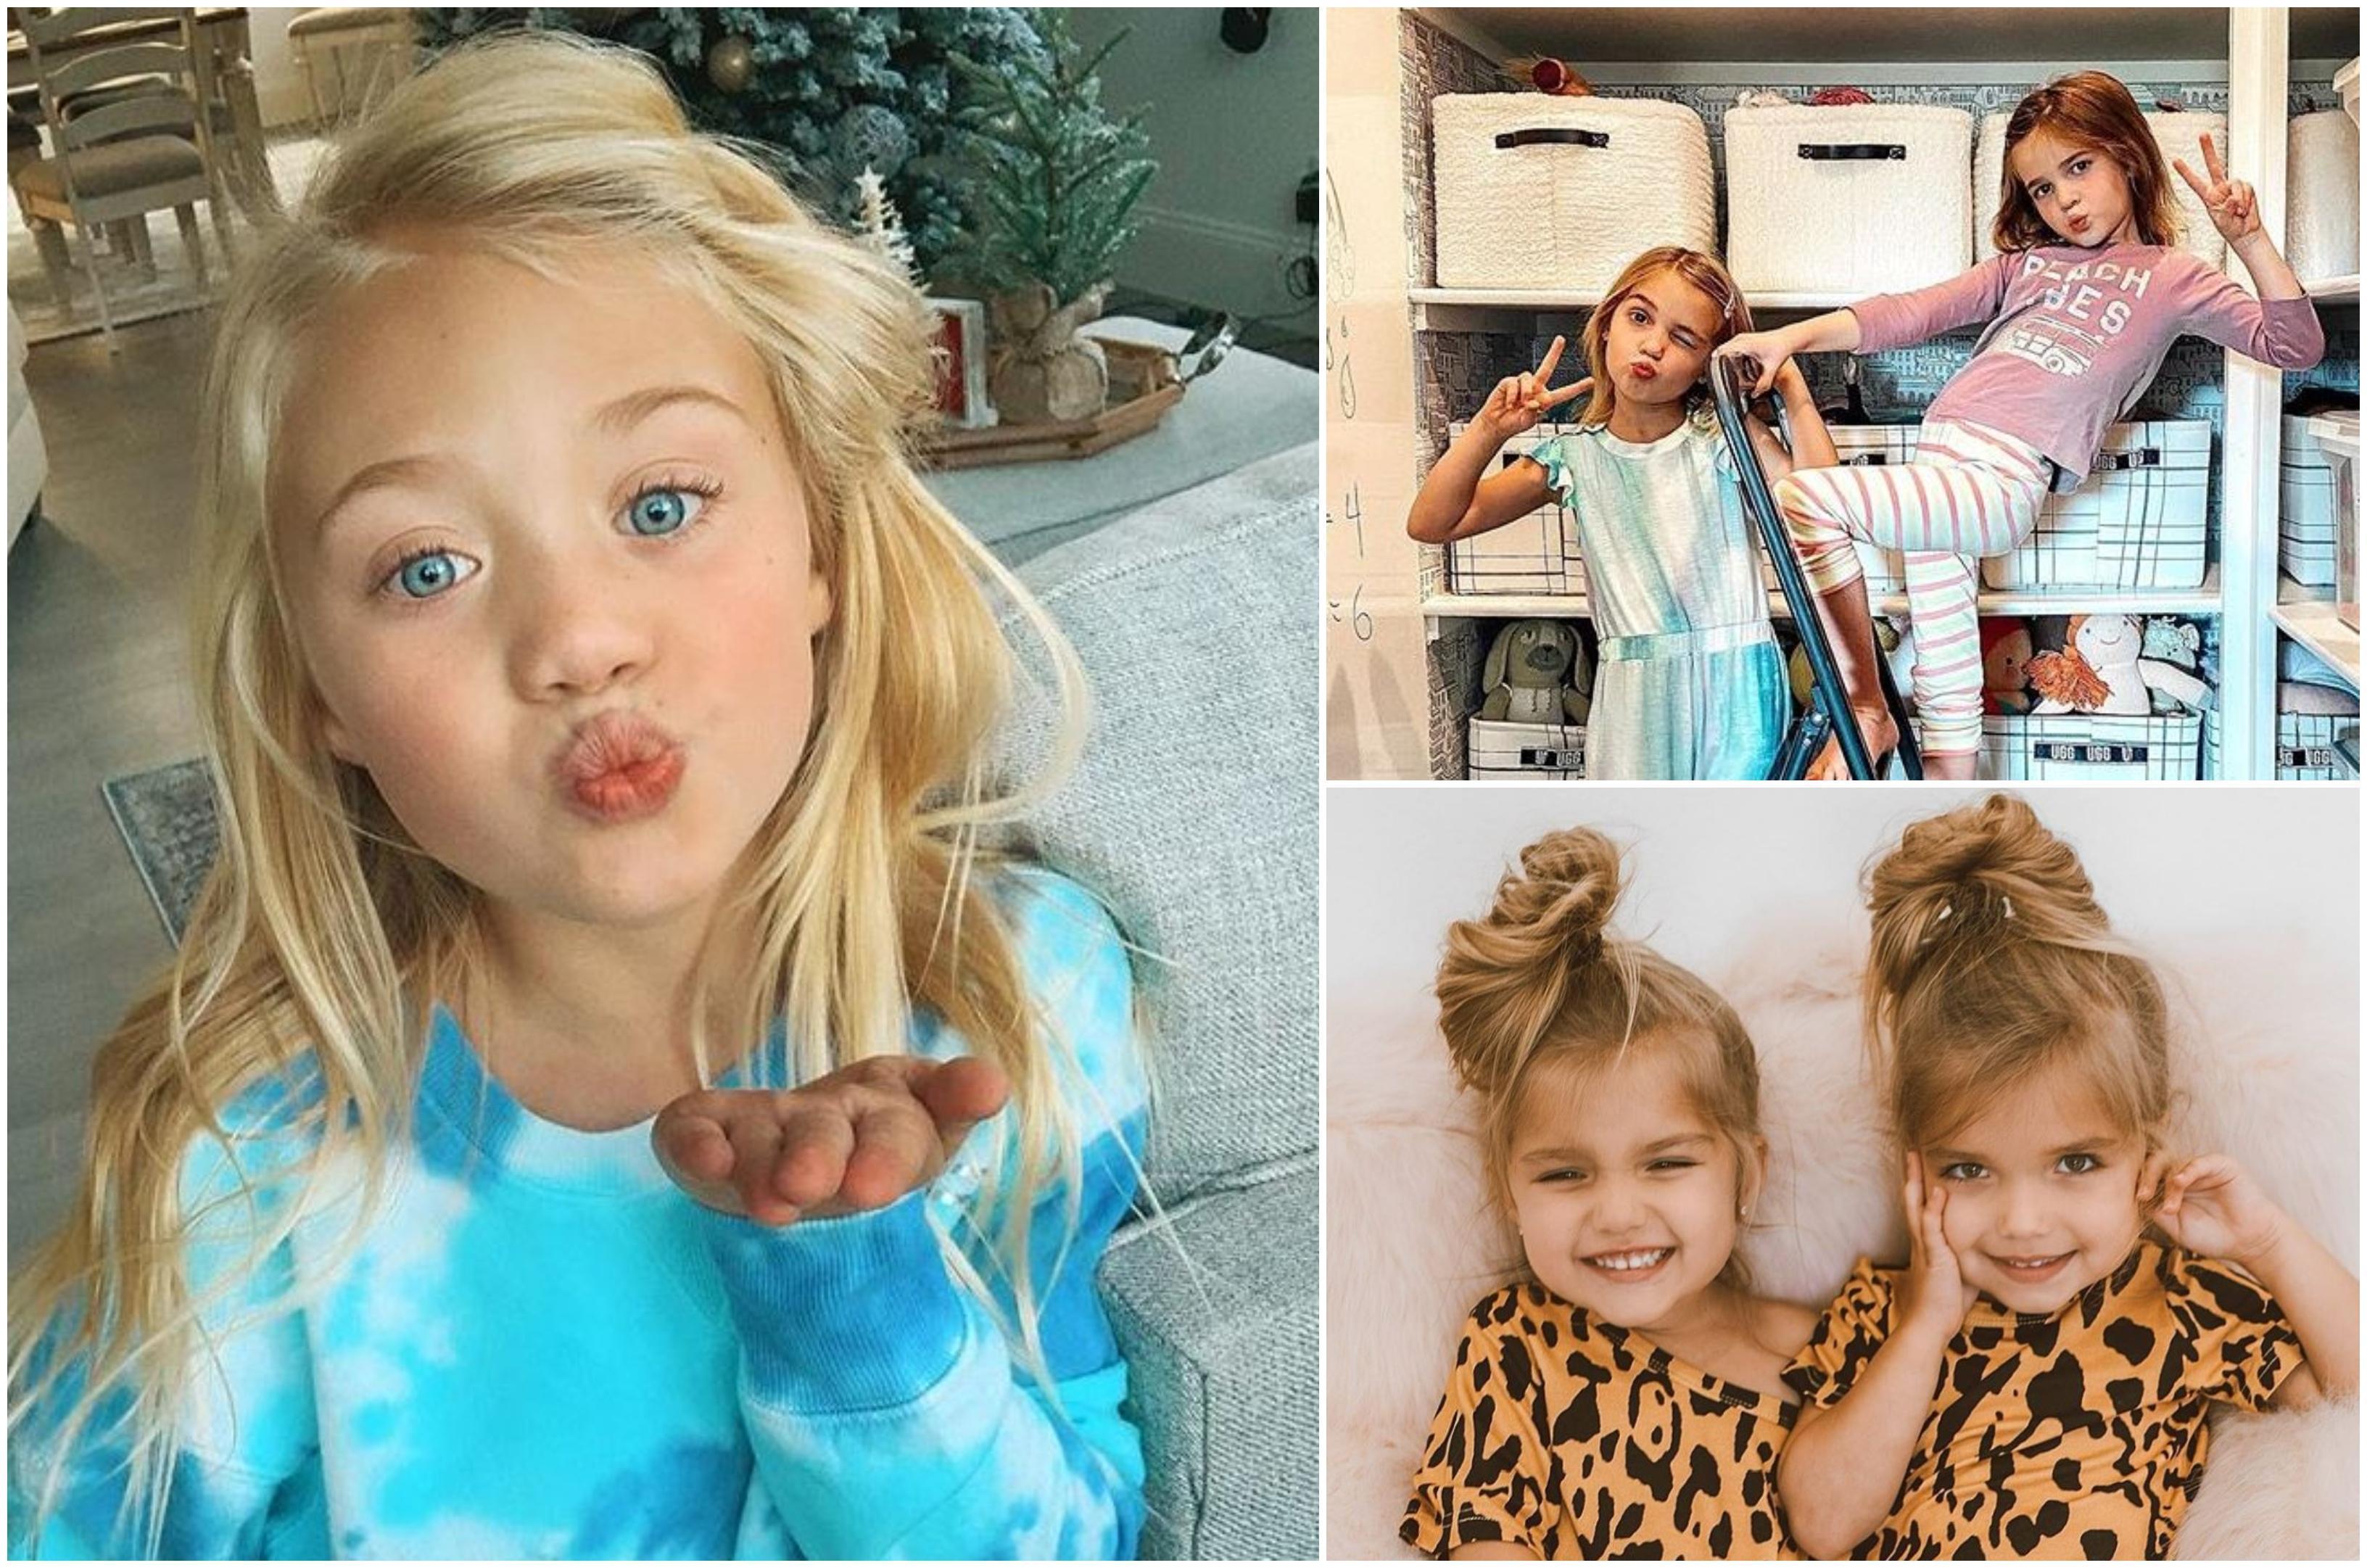 Ei sunt copiii bogați de pe Instagram. La numai 7 ani, o fetiță câștigă 70 000 de lei dintr-o singură postare